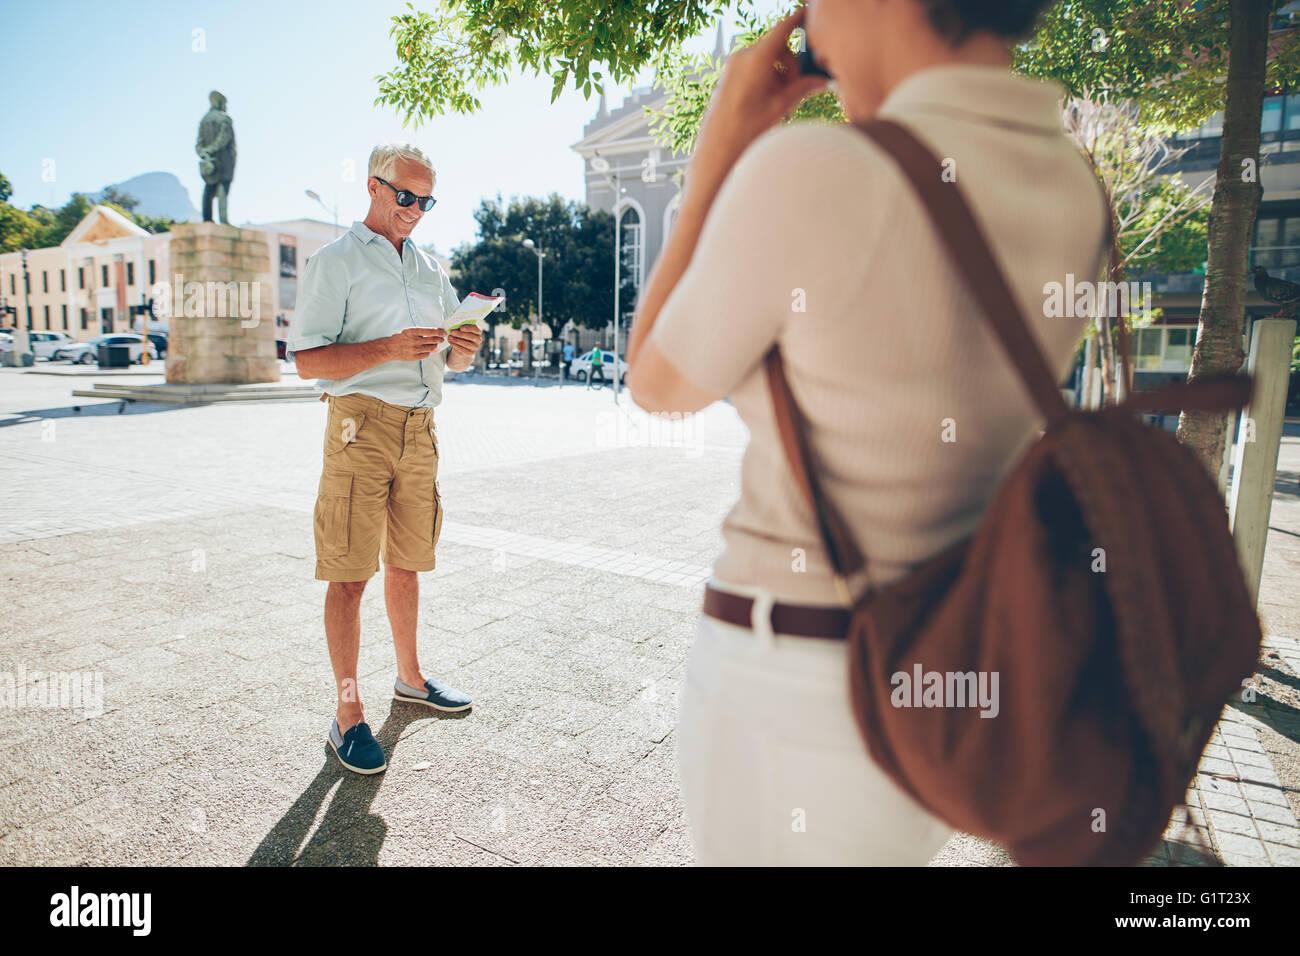 Man étant photographe par une femme dans la ville au cours de leurs vacances. Des photos de couple sur leurs Photo Stock